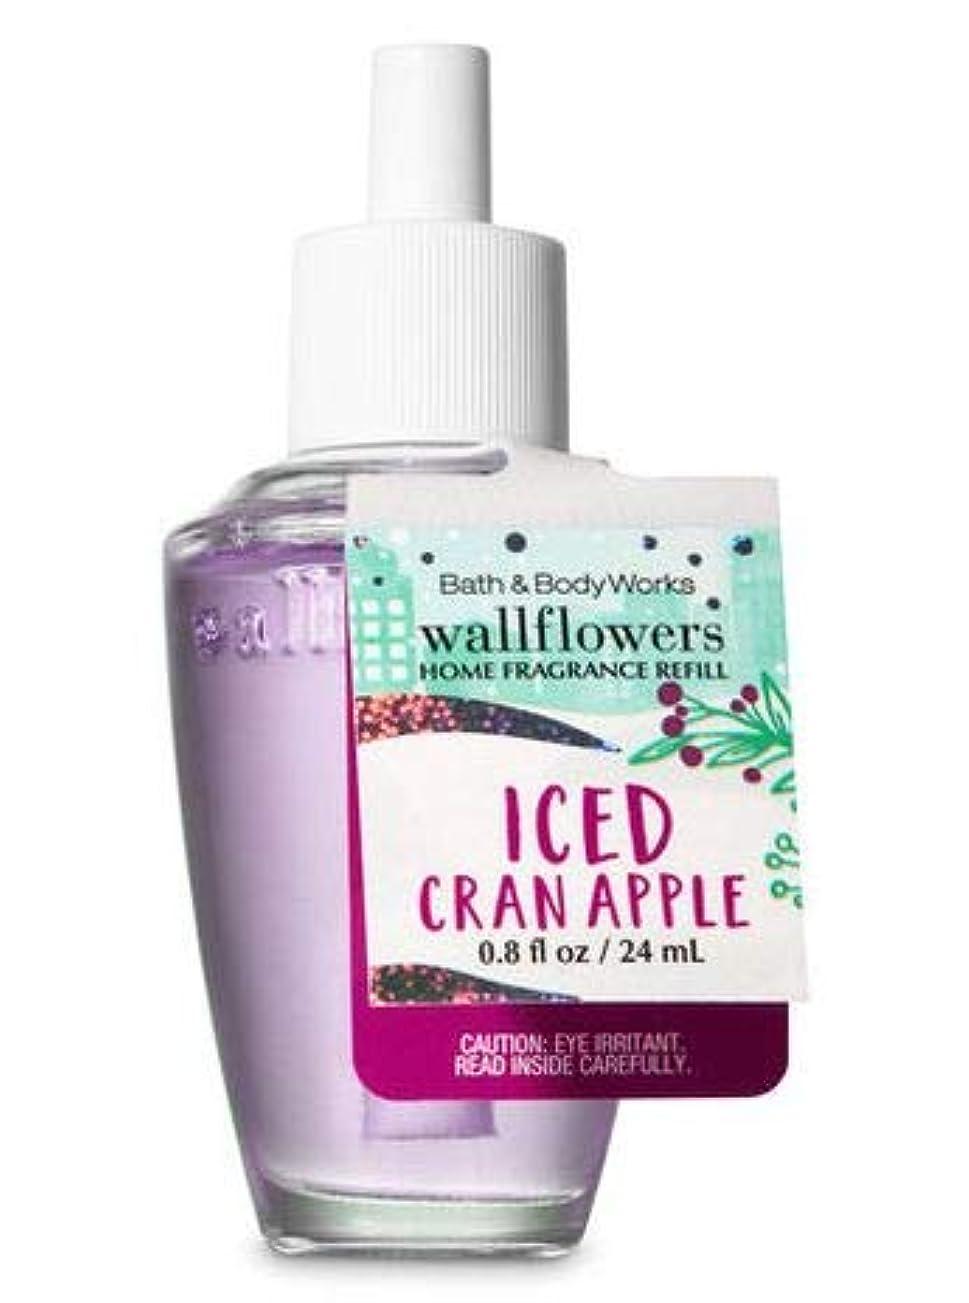 アナログ呼び出す無数の【Bath&Body Works/バス&ボディワークス】 ルームフレグランス 詰替えリフィル アイスドクランベリーアップル Wallflowers Home Fragrance Refill Iced Cranberry Apple [並行輸入品]